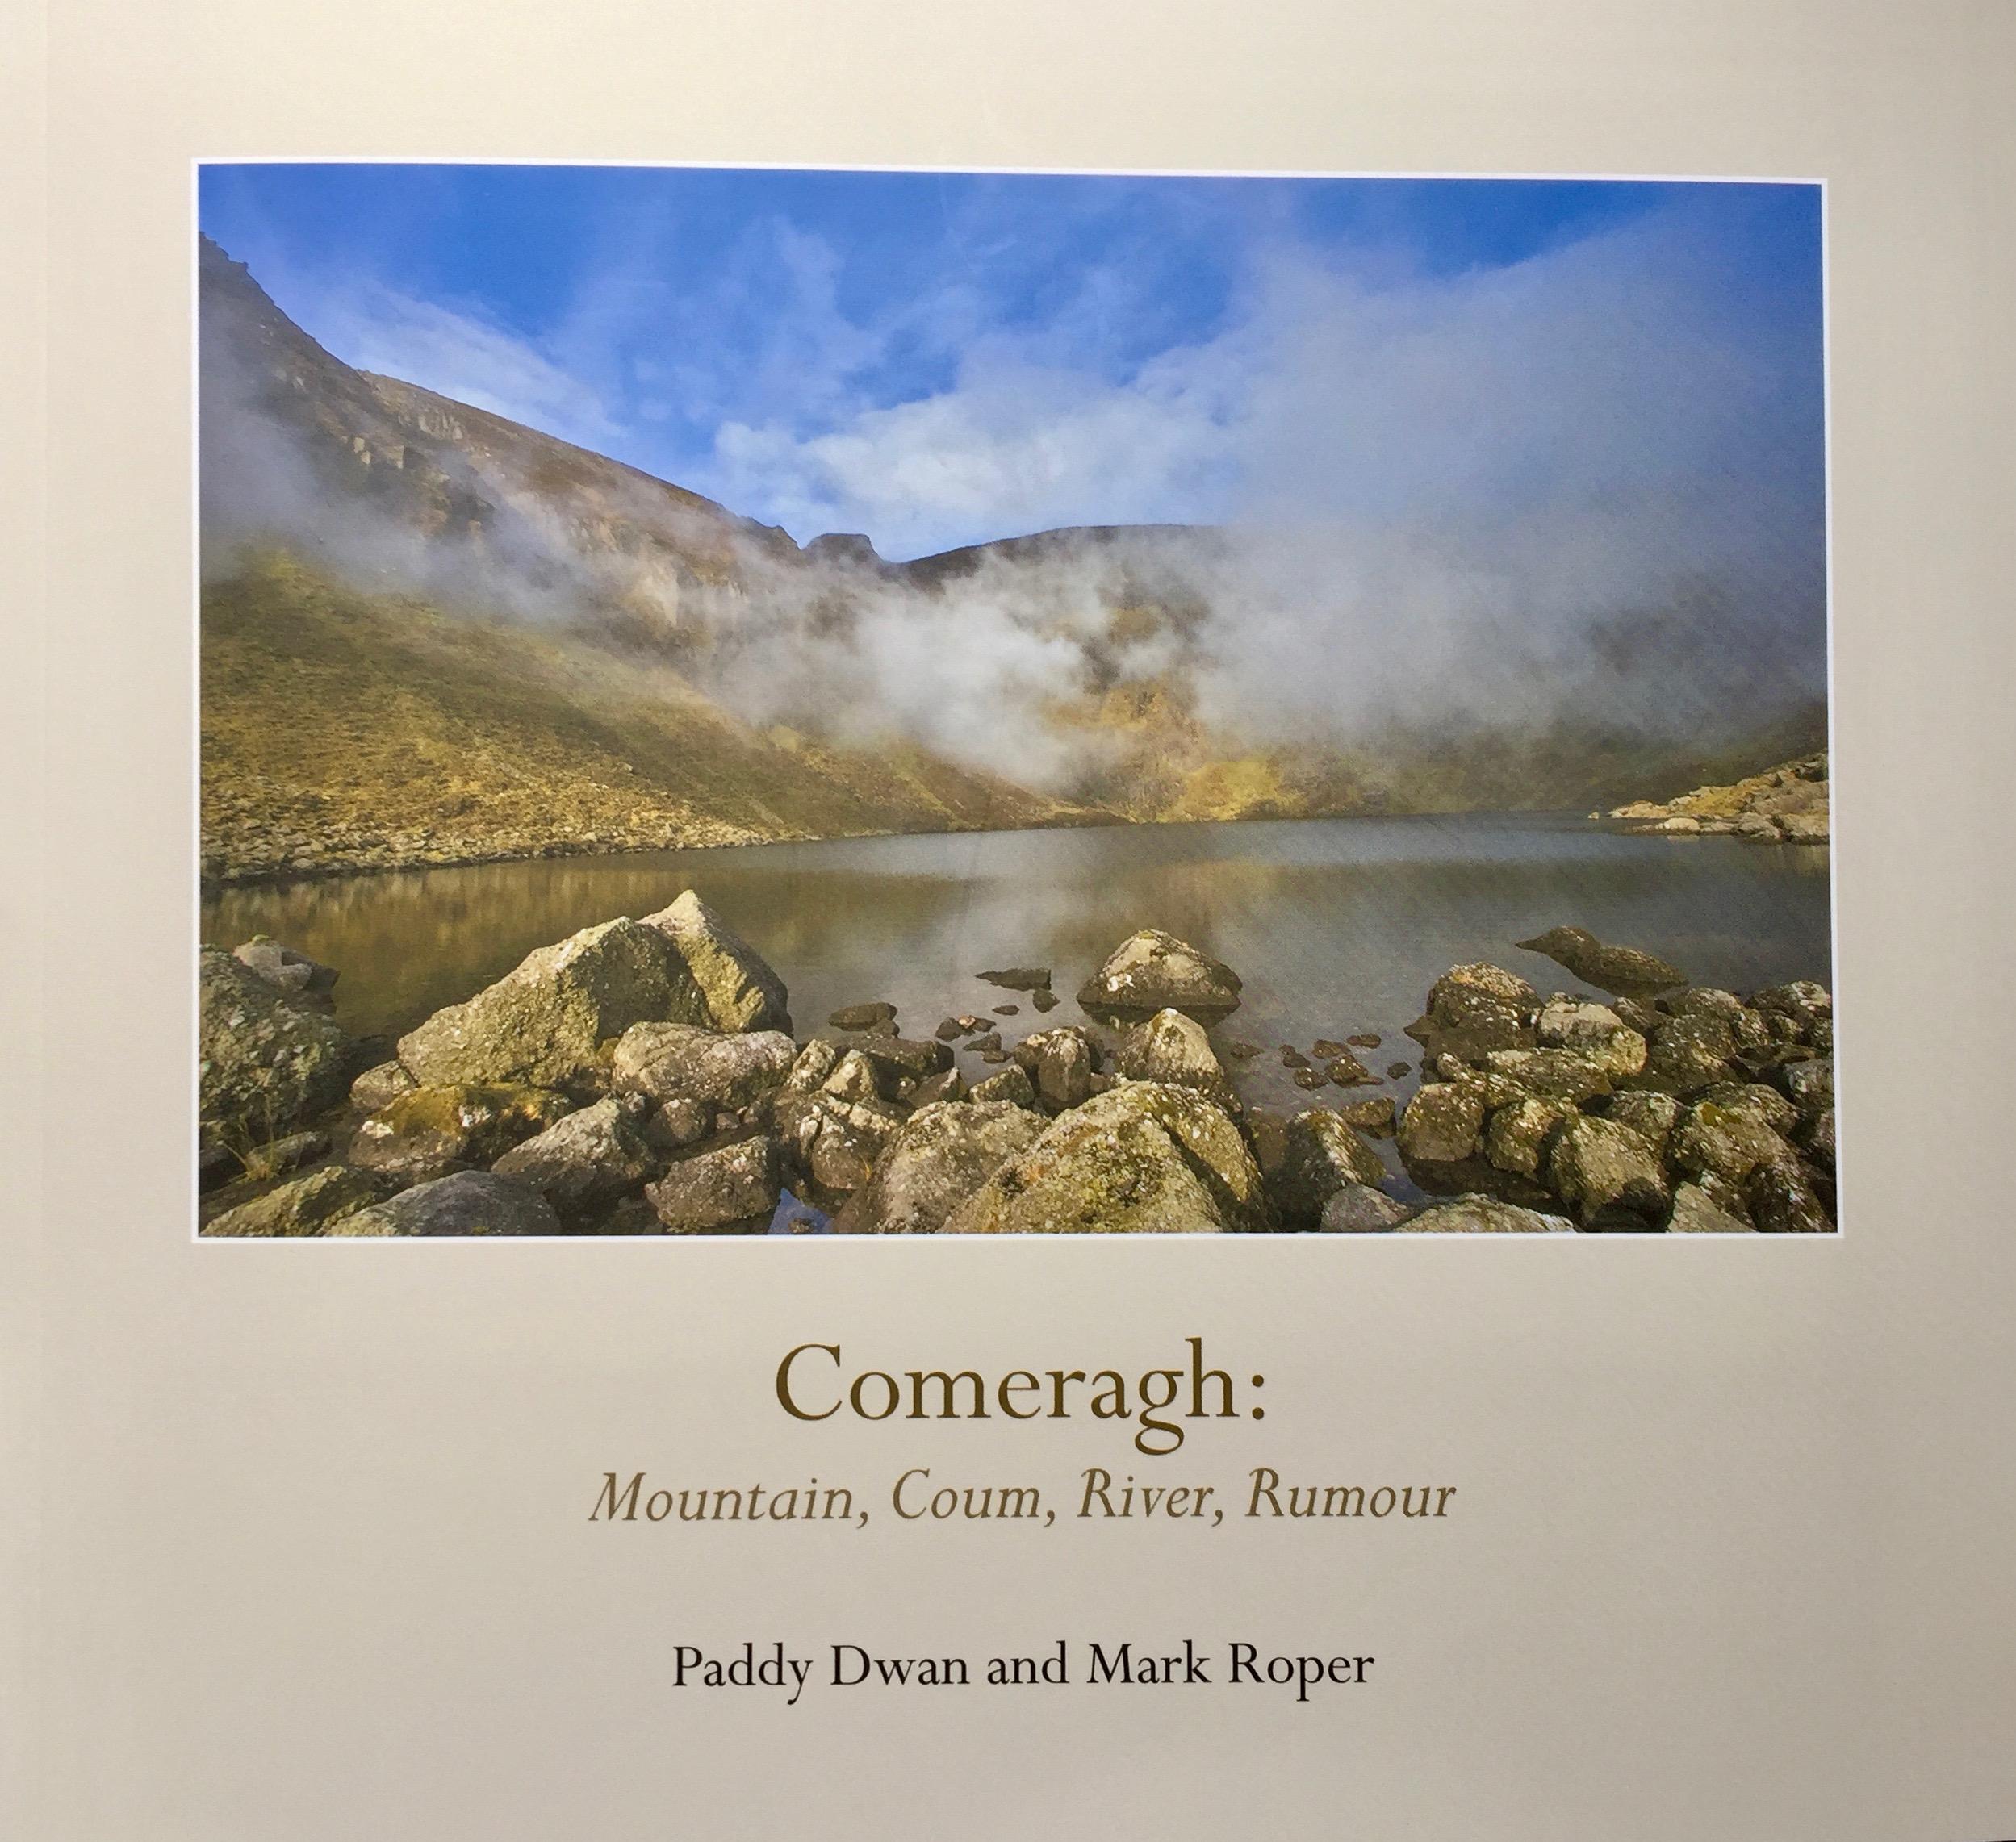 Comeragh: Mountain, Coum, River, Rumour